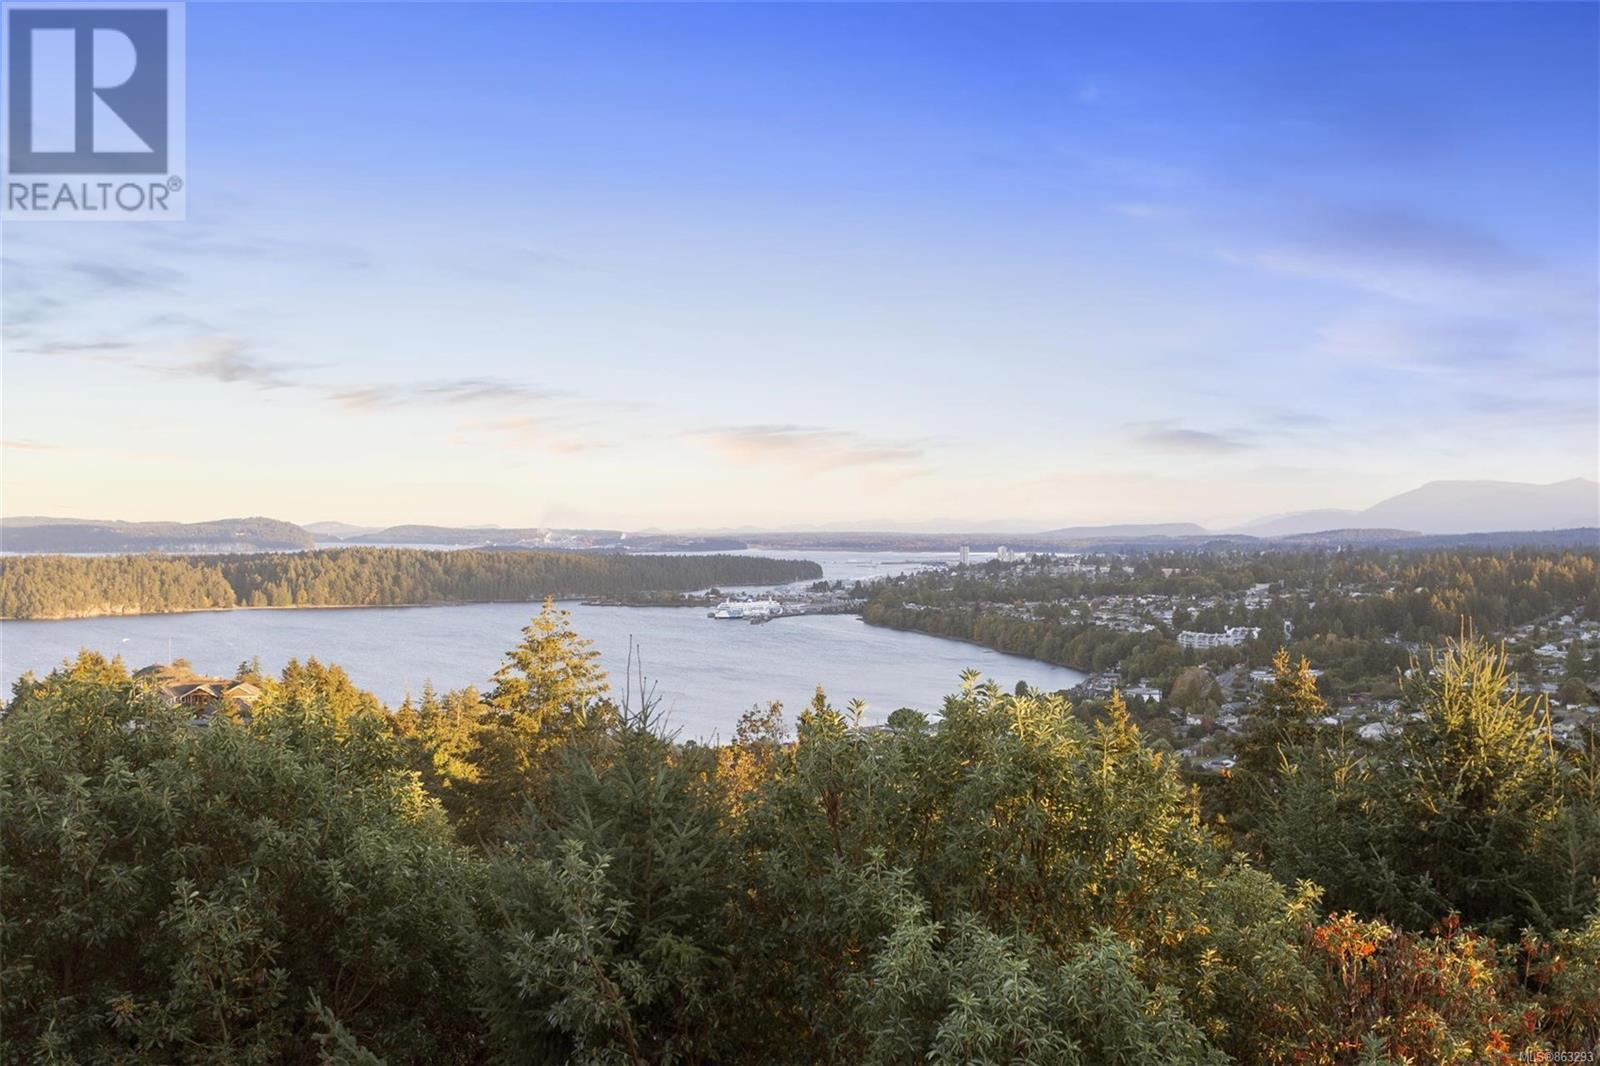 3221 Partridge Pl, Nanaimo, British Columbia  V9T 5V2 - Photo 2 - 863293